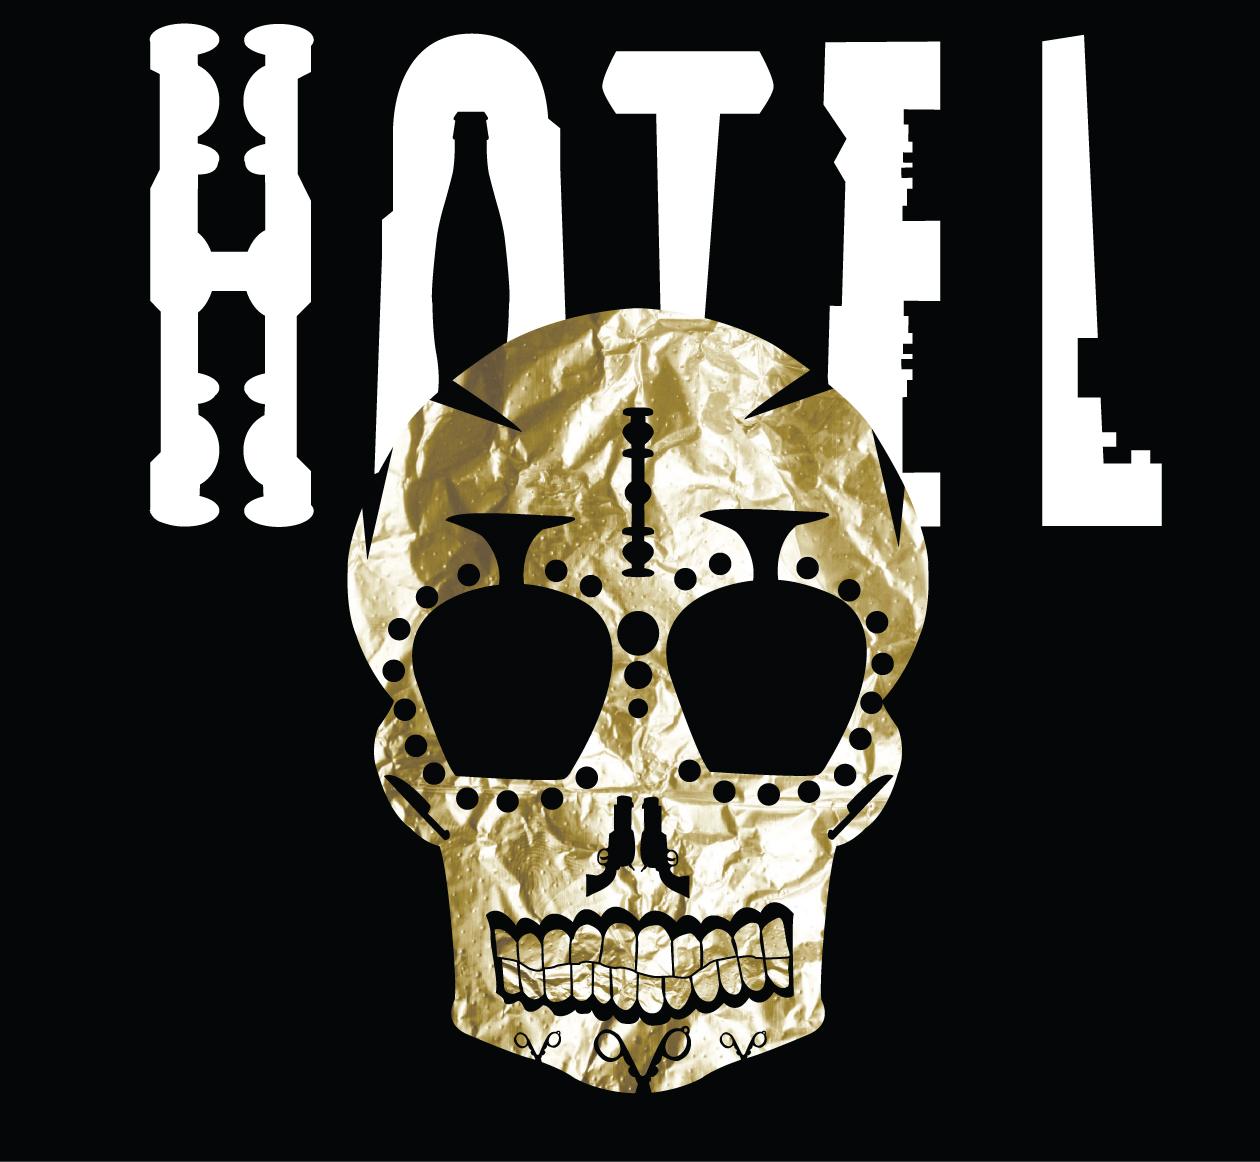 ChrisAlexakis_Hotelbook1.jpg